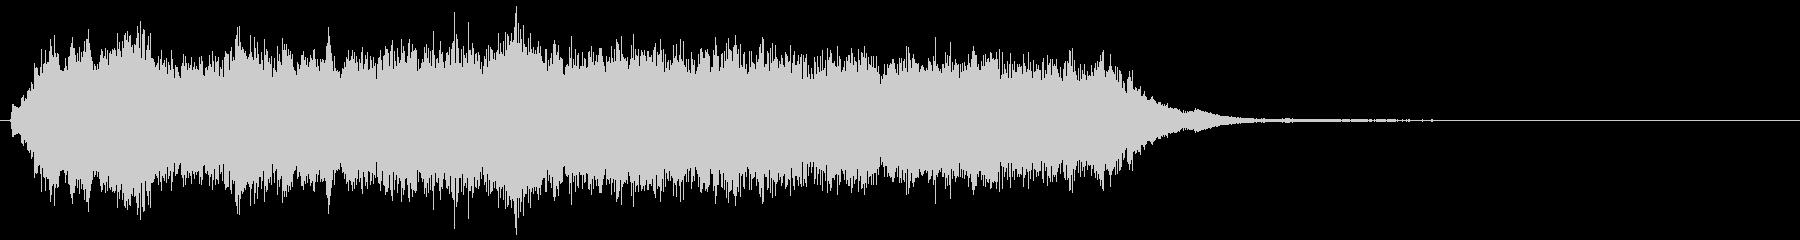 オーケストラのファンファーレジングル3の未再生の波形